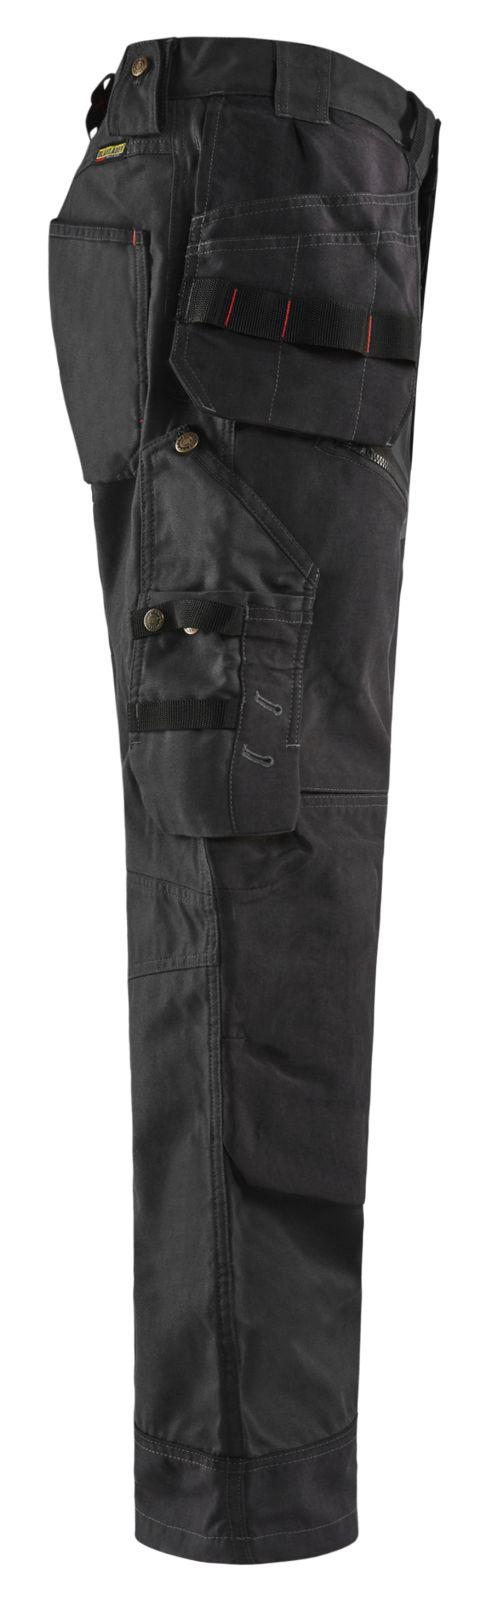 Blaklader Broeken 15001320 zwart(9900)